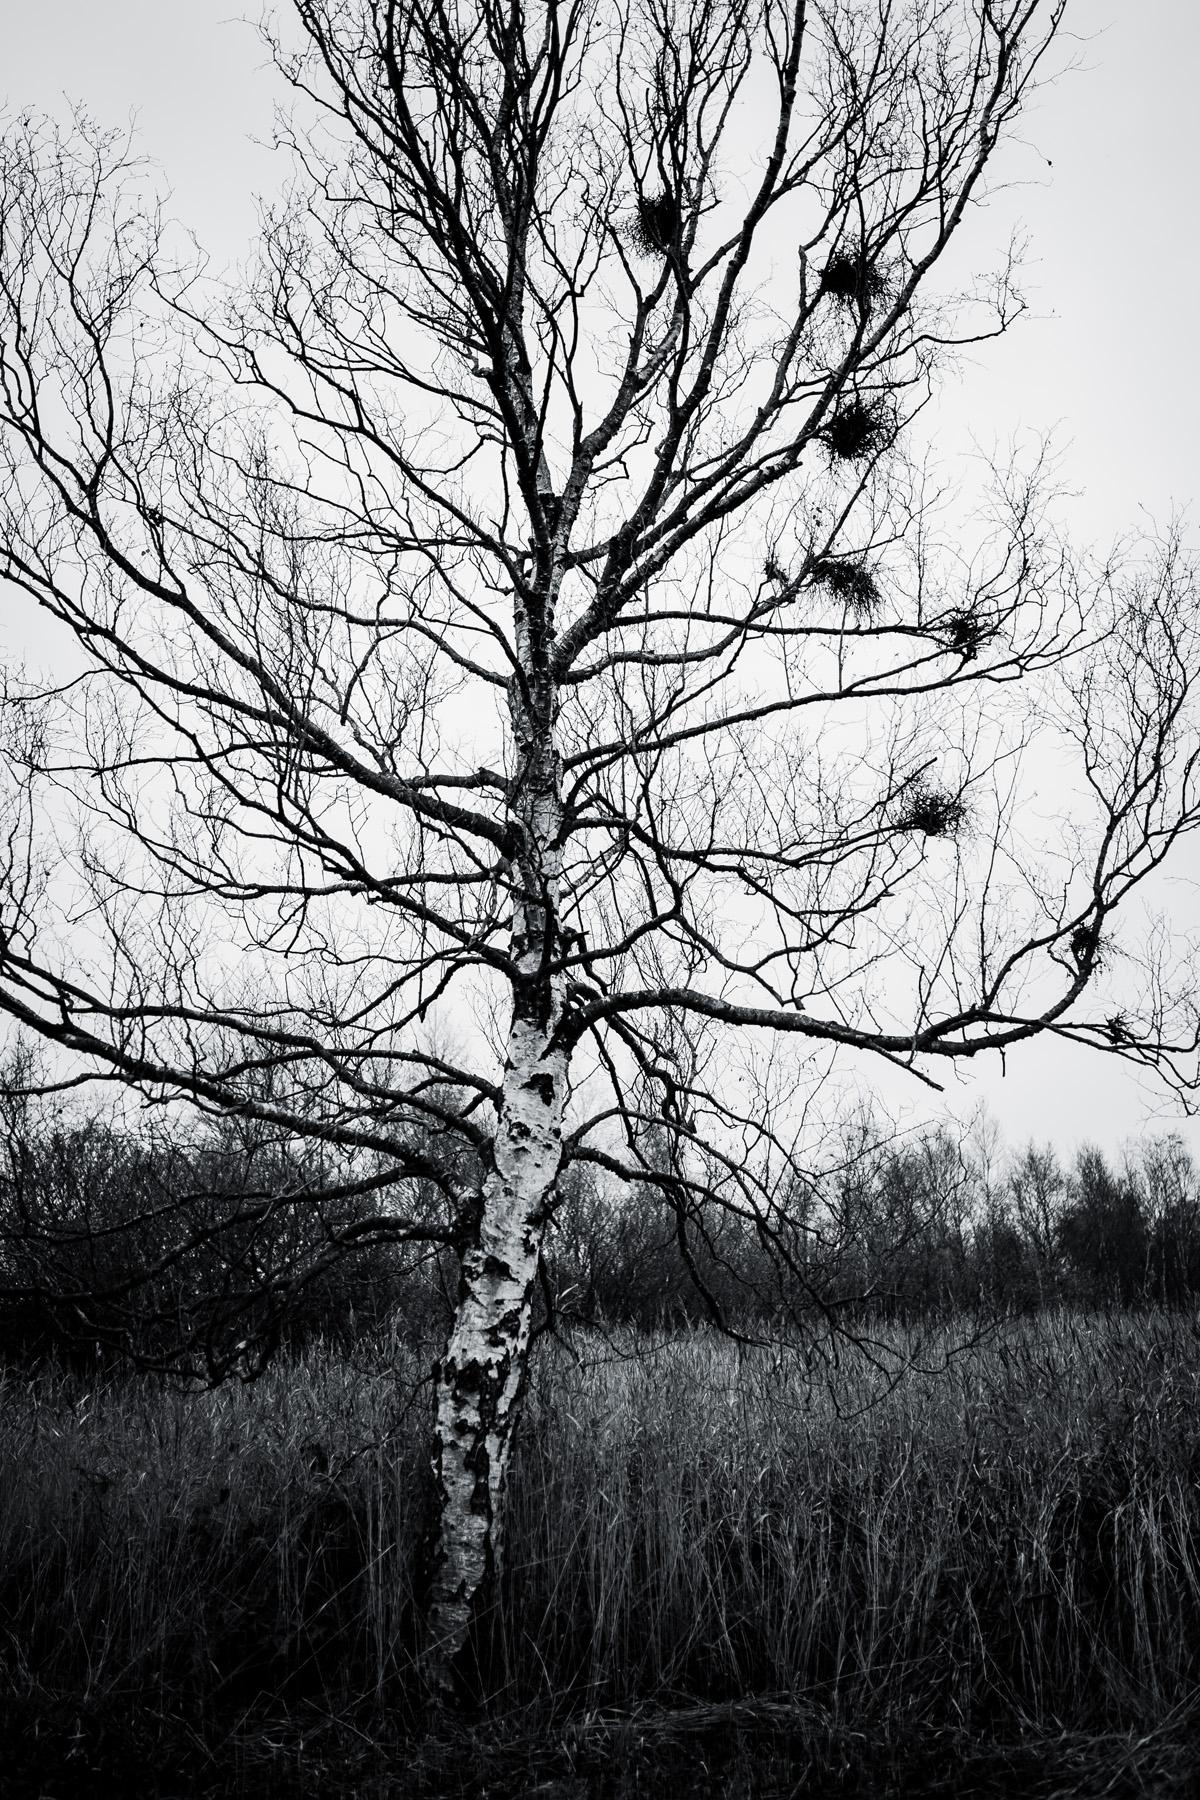 025_Nationaal_park_Weerribben-Wieden__1-1055